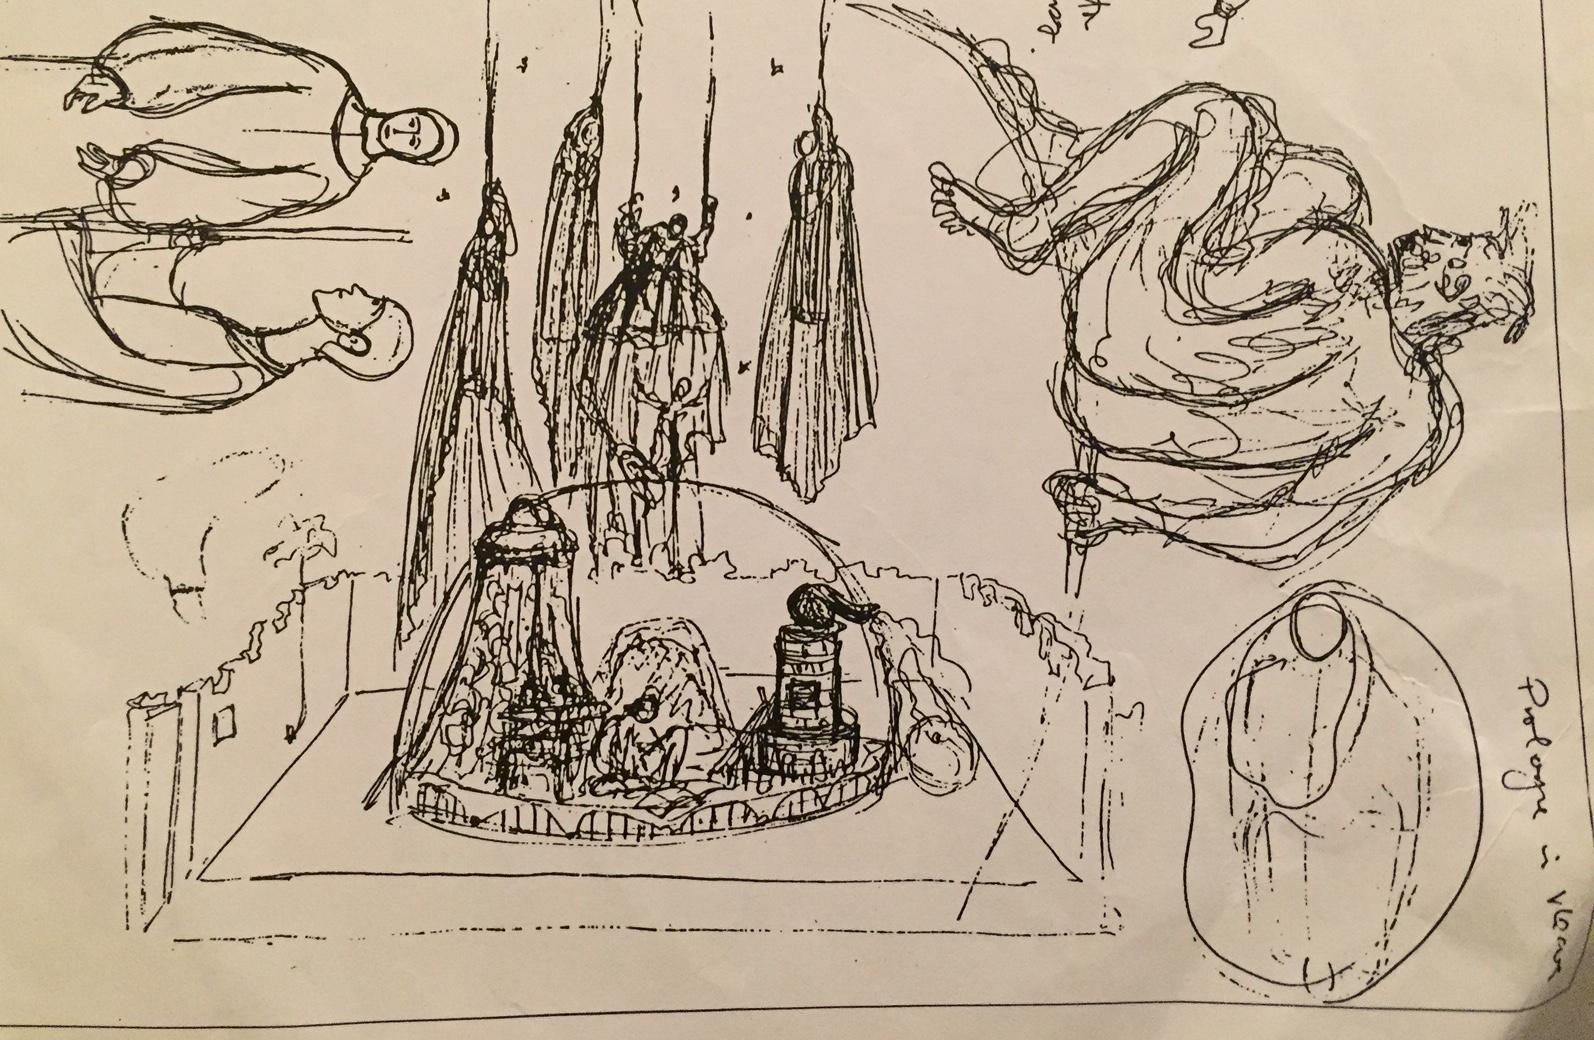 Faust - David Roger - set design - sketch .jpg